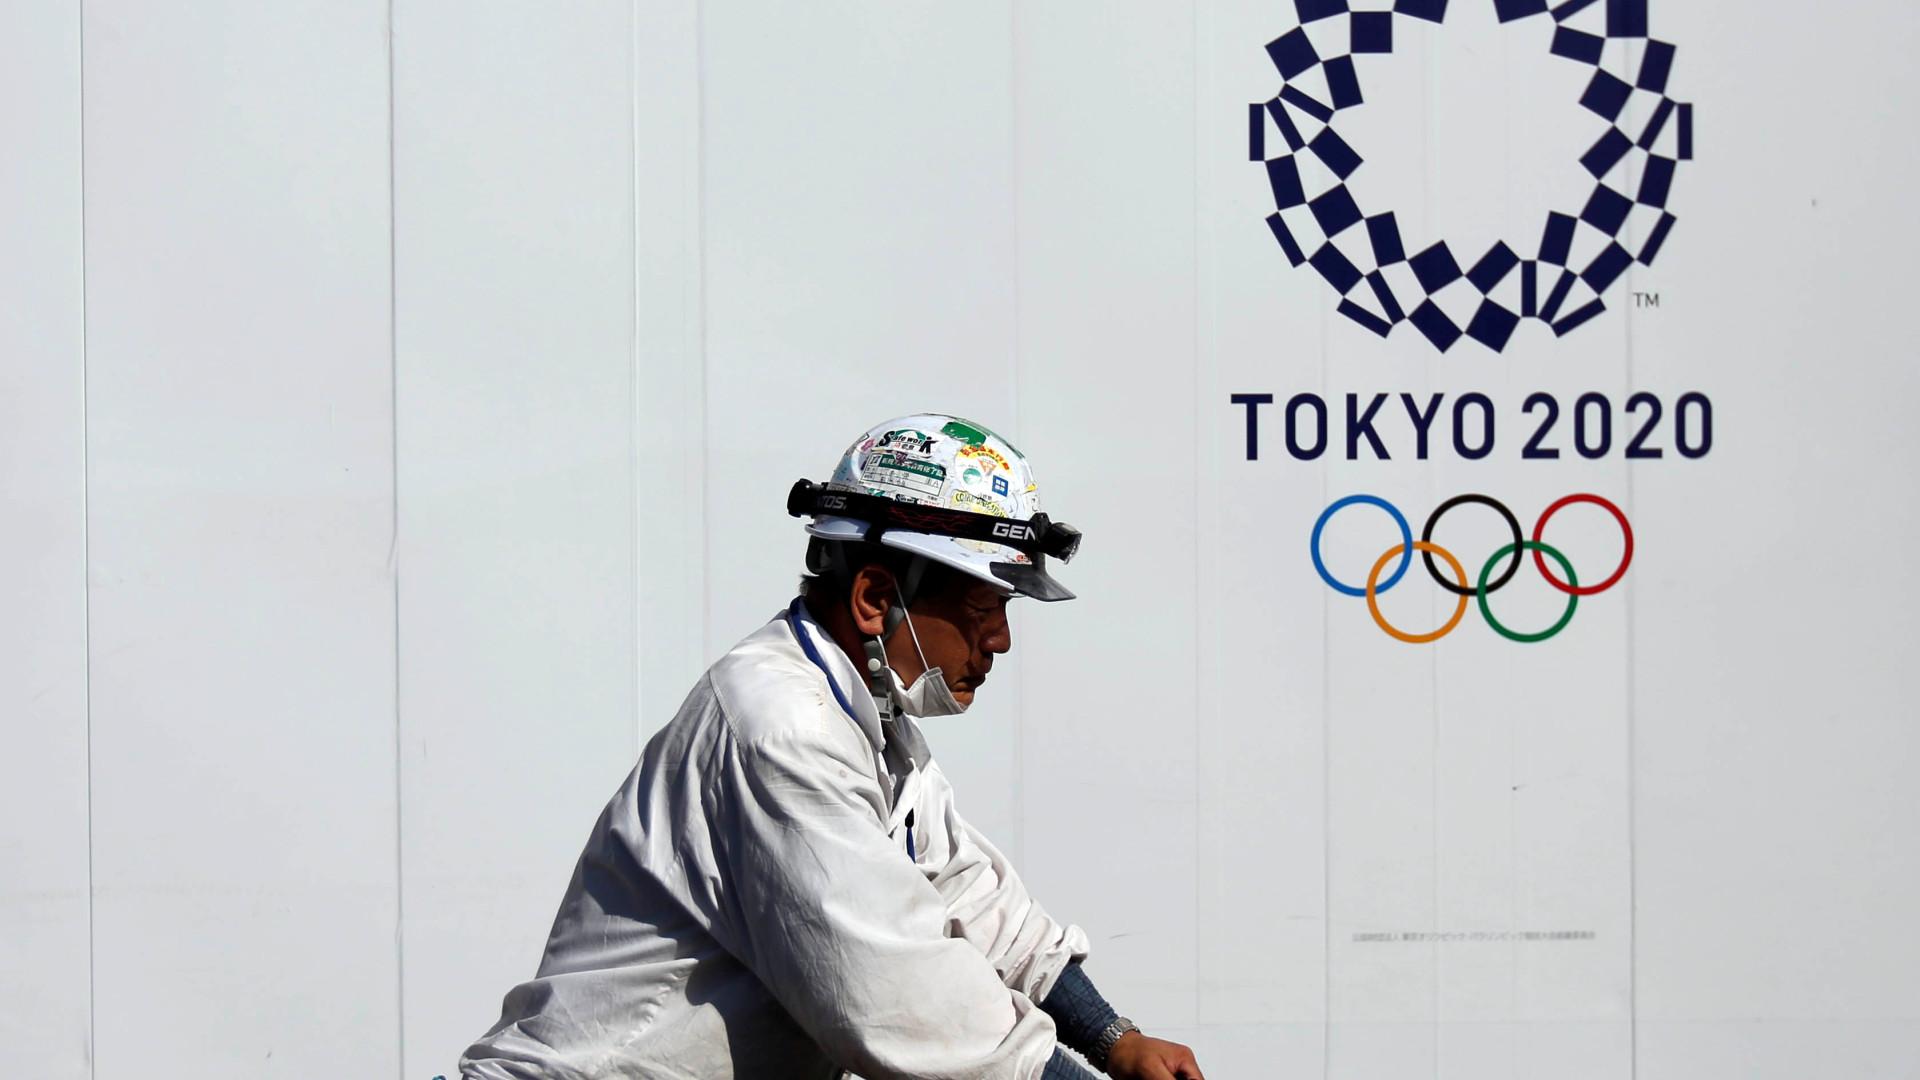 Jogos Olímpicos de Tóquio terão sistema de reconhecimento facial